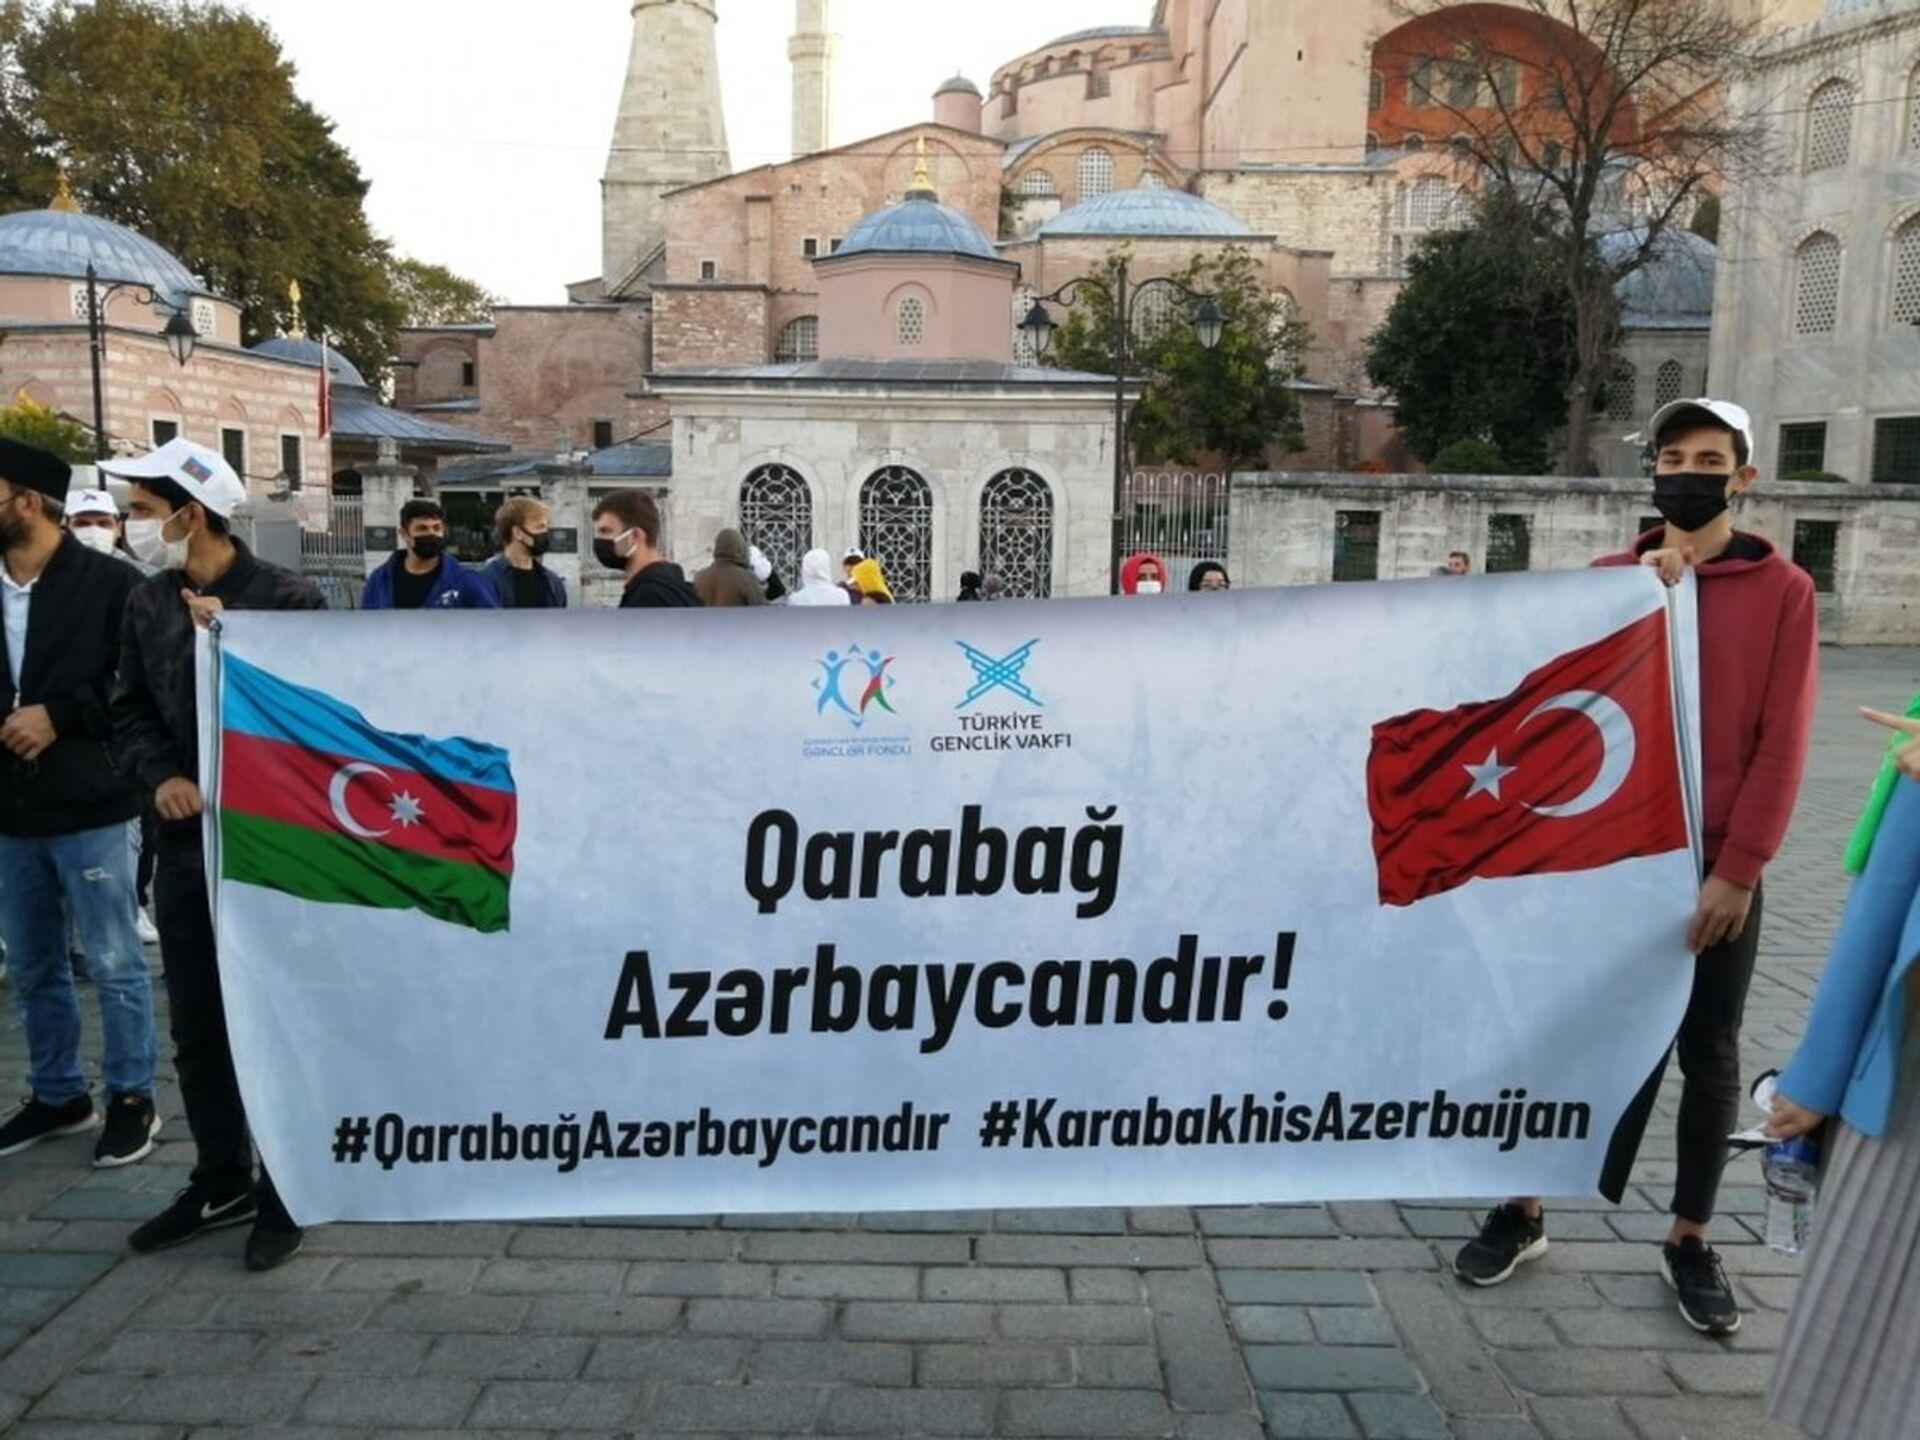 Vətən müharibəsi şəhidlərinin xatirəsi İstanbulda anılıb - Sputnik Azərbaycan, 1920, 01.10.2021